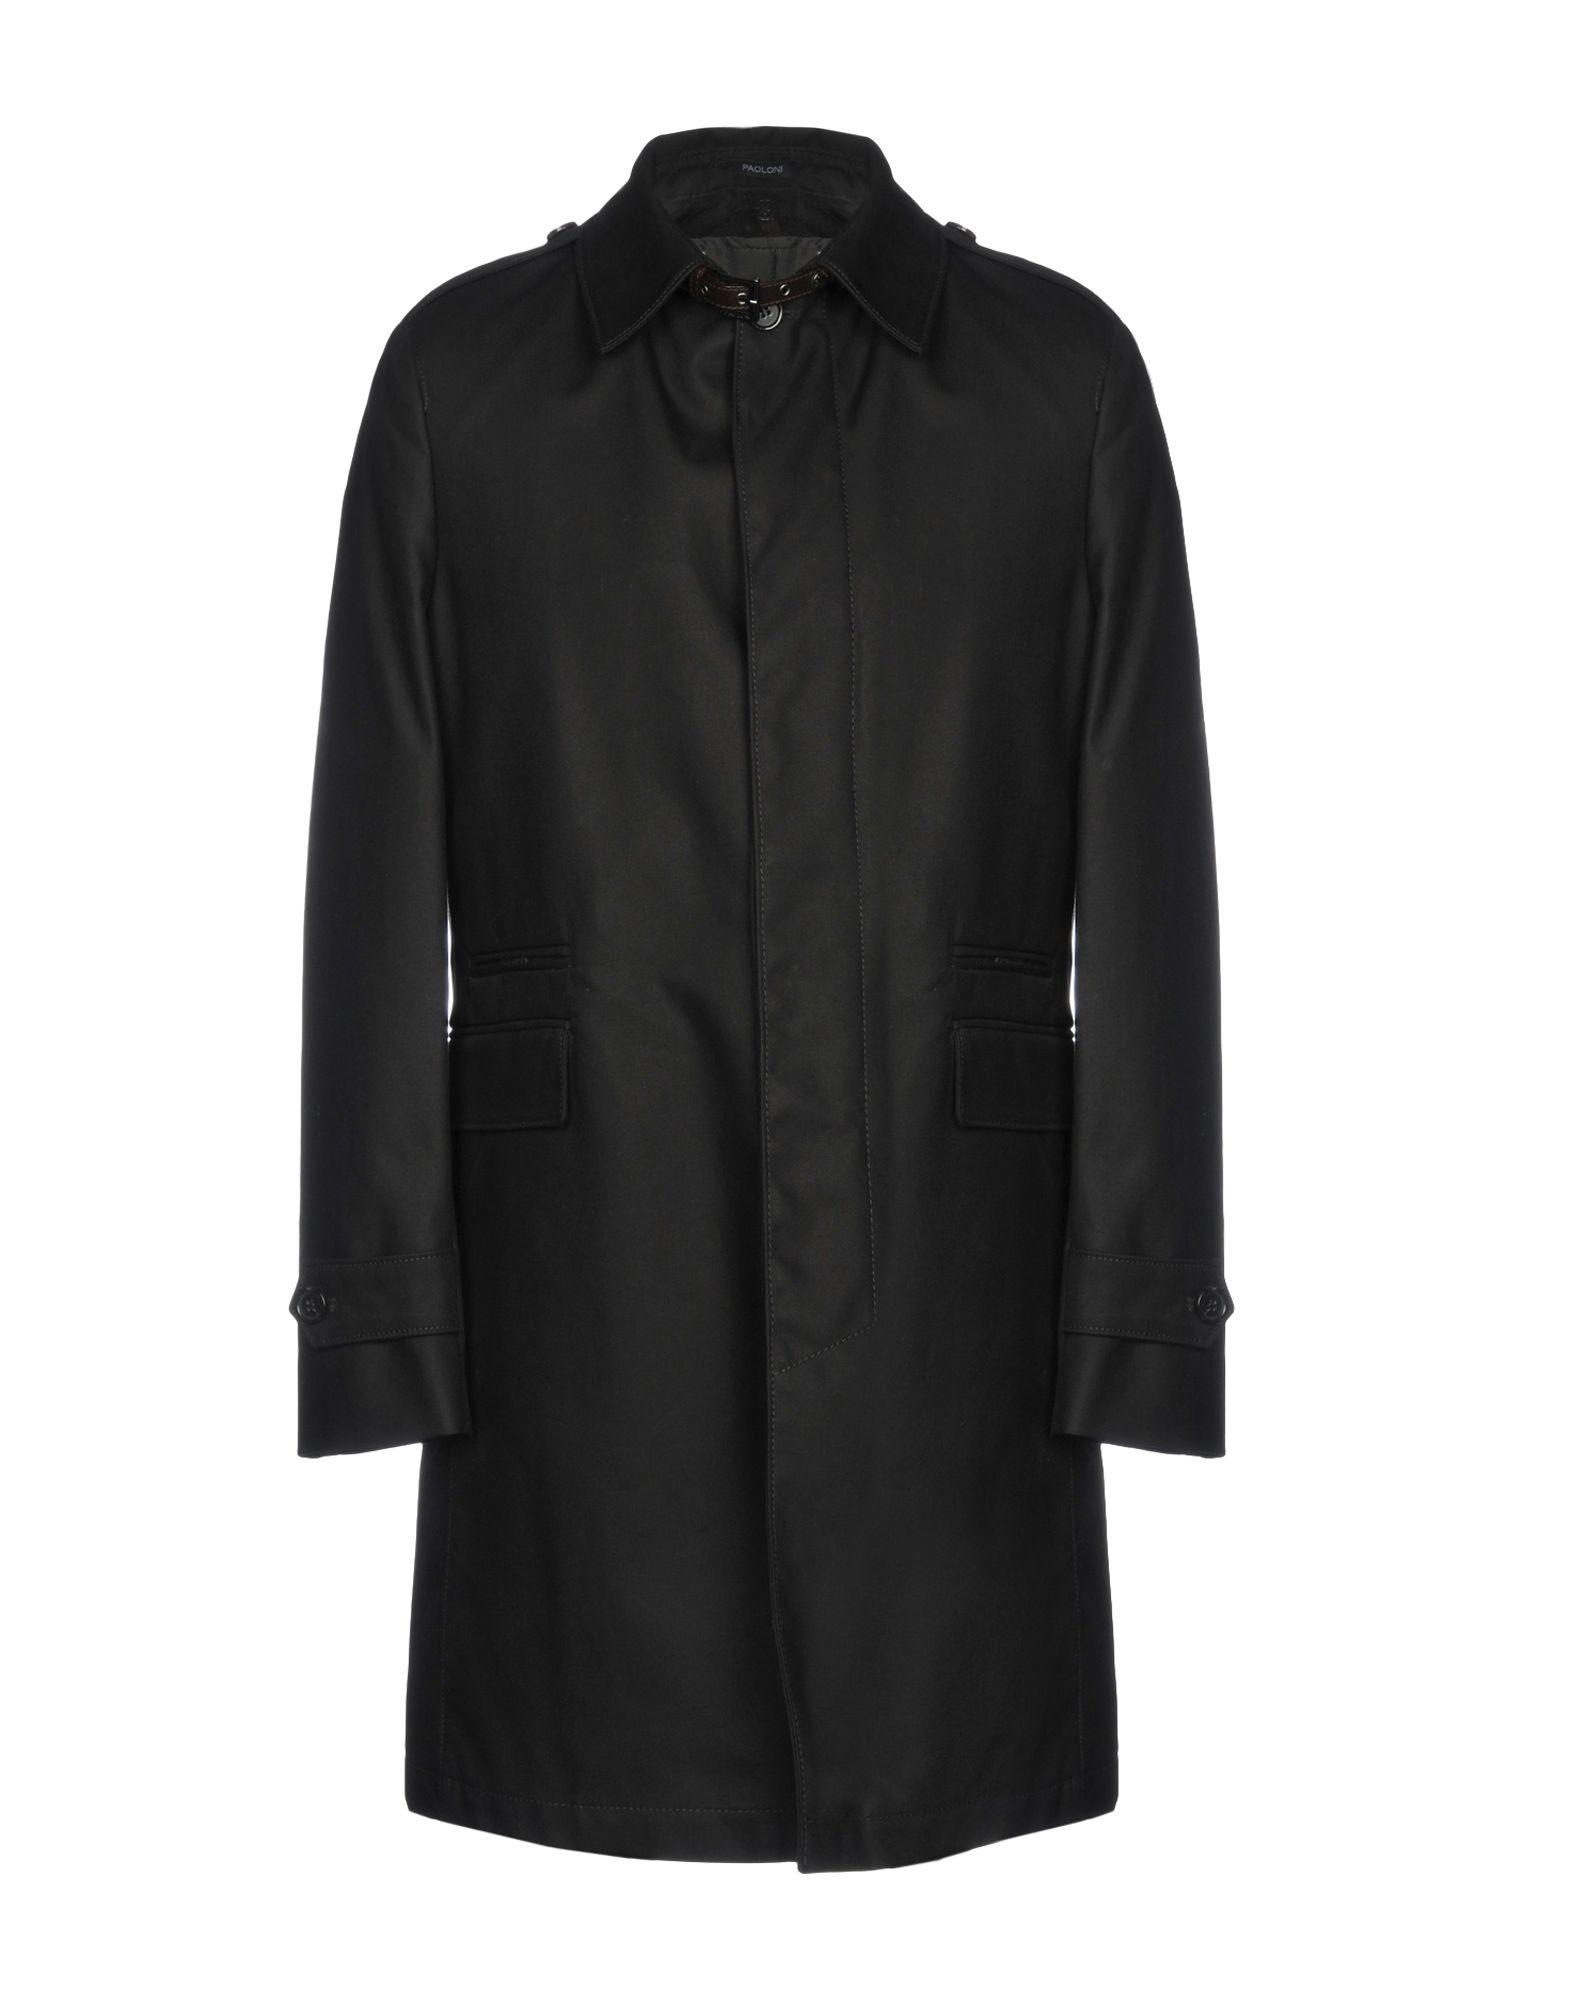 《送料無料》PAOLONI メンズ コート ブラック 50 コットン 100%